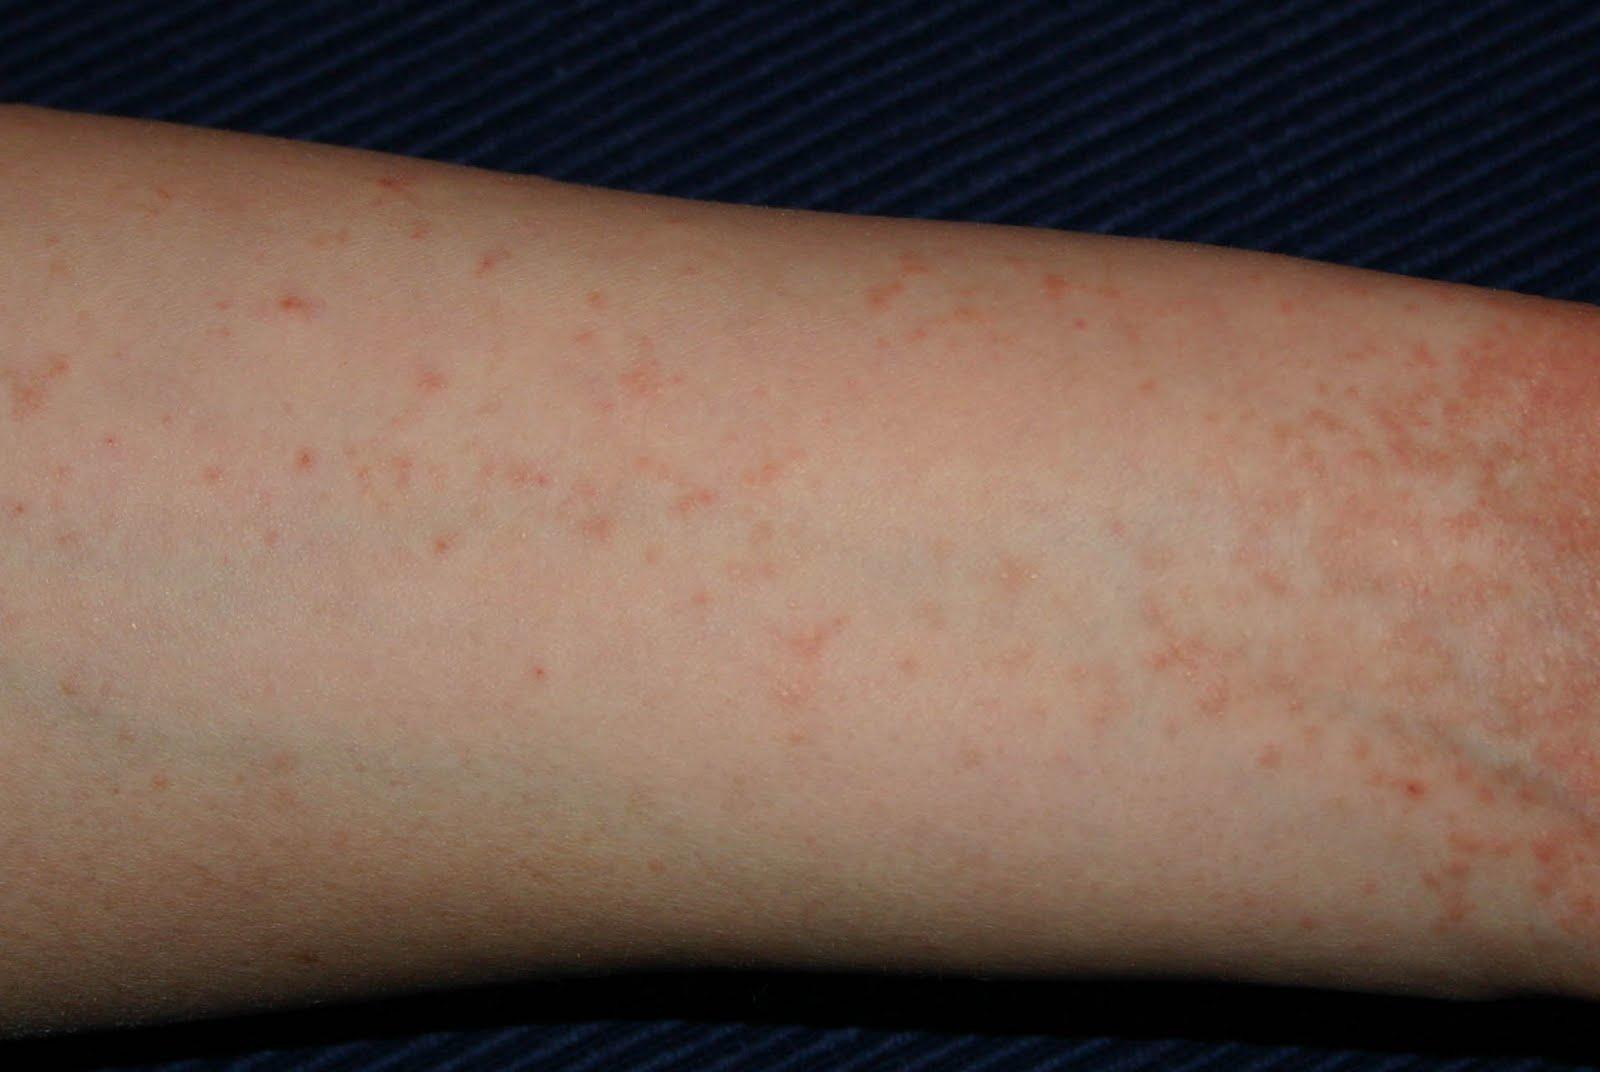 Állandó kék-zöld foltok a testen: súlyos szervi oka is lehet - Egészség   Femina